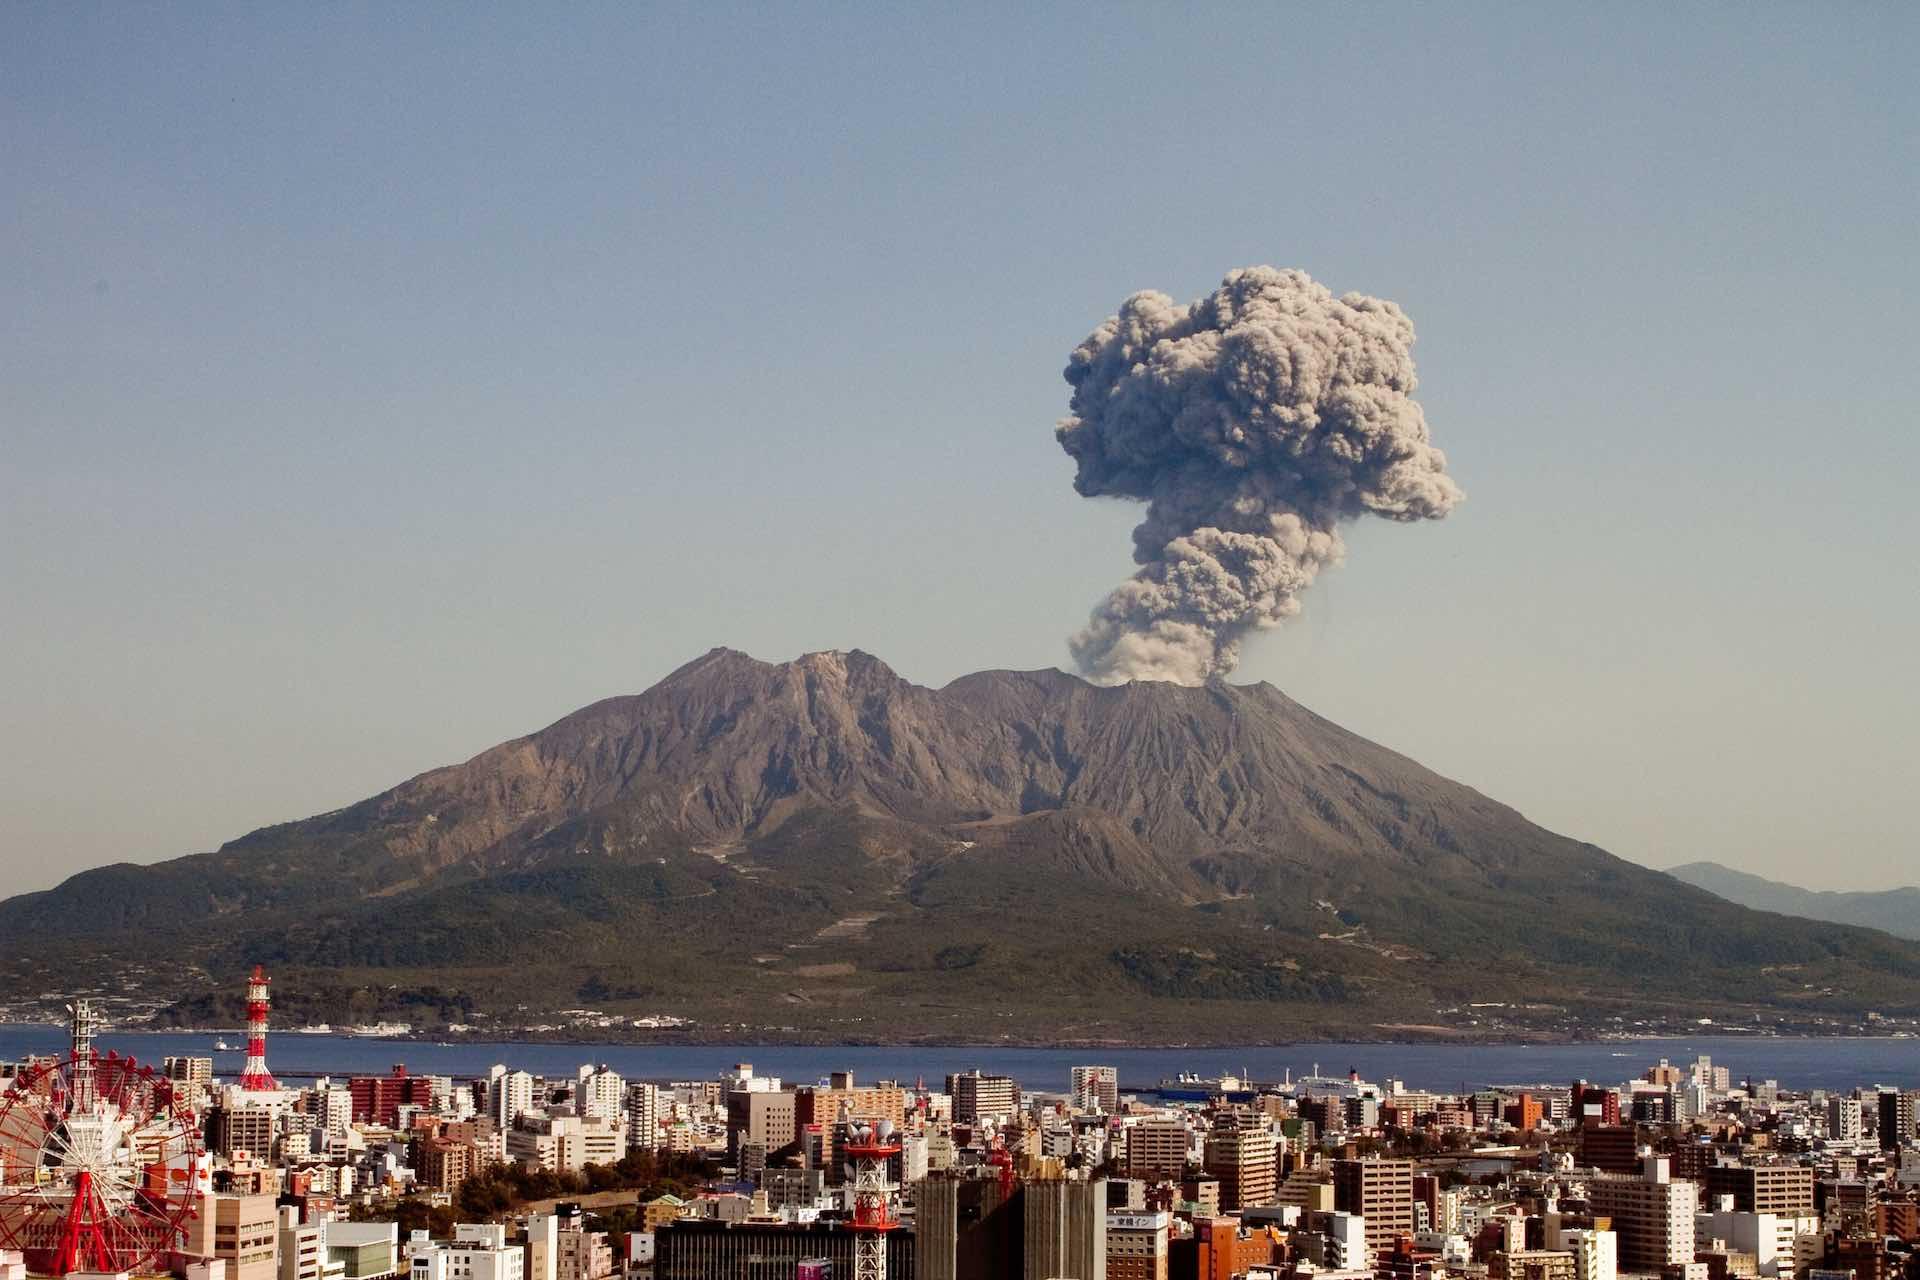 鹿児島のシンボル、桜島の噴火の様子